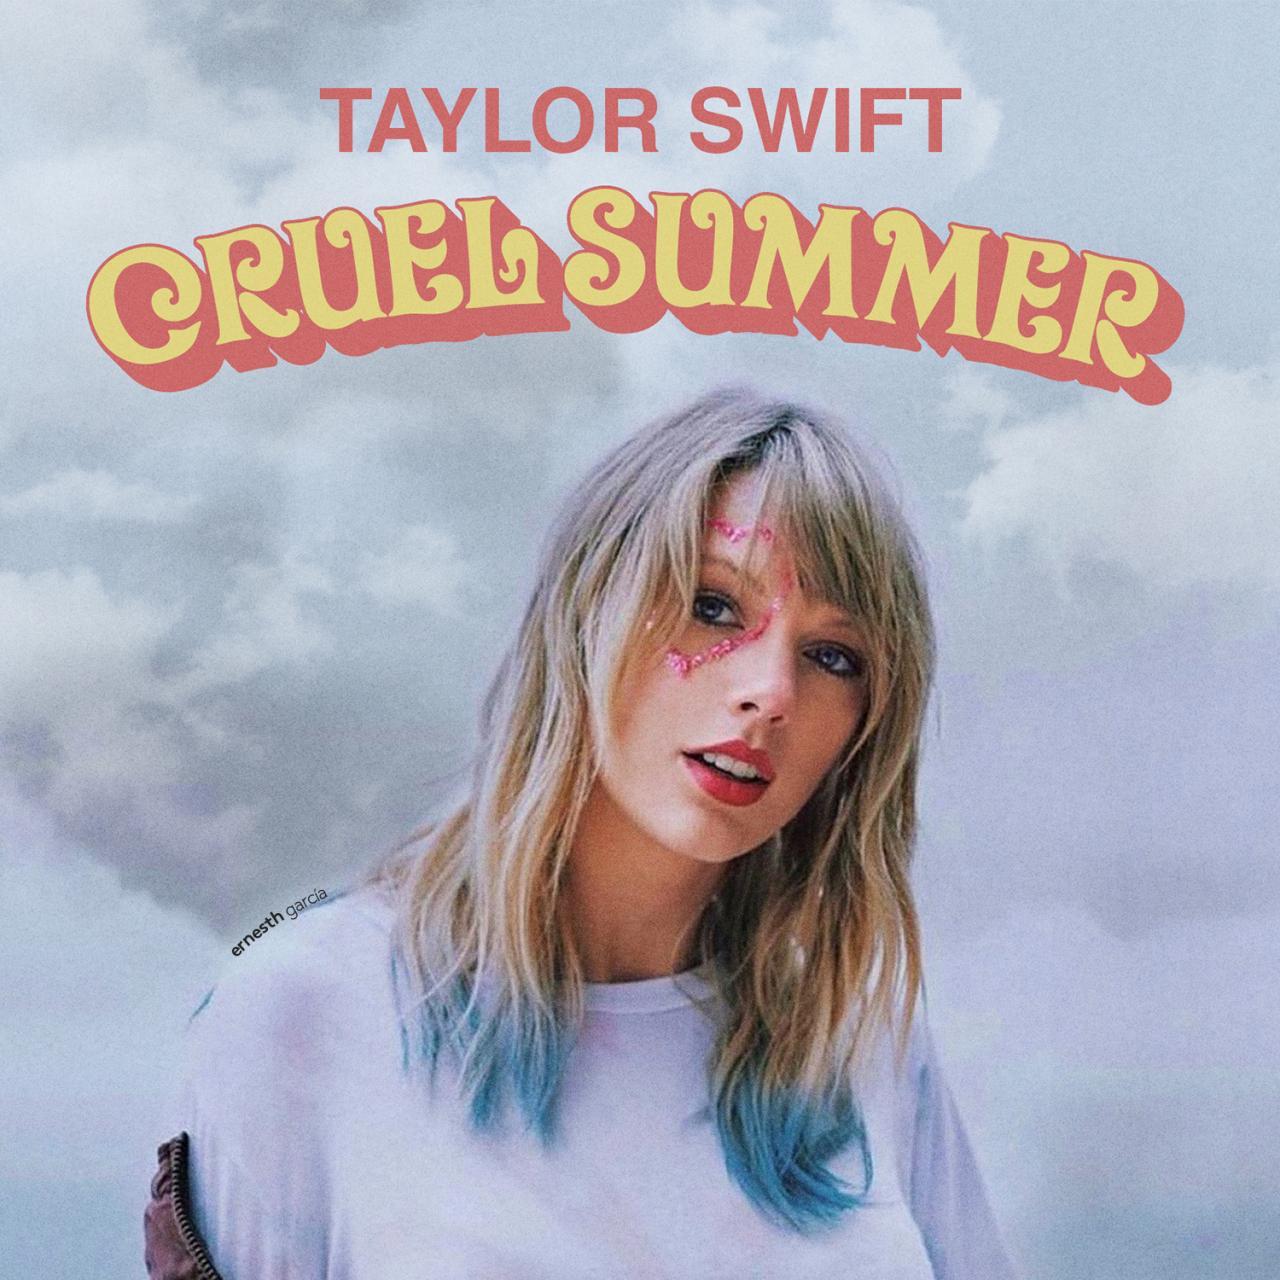 经典歌曲《Cruel Summer》《残酷盛夏》中英文对照歌词